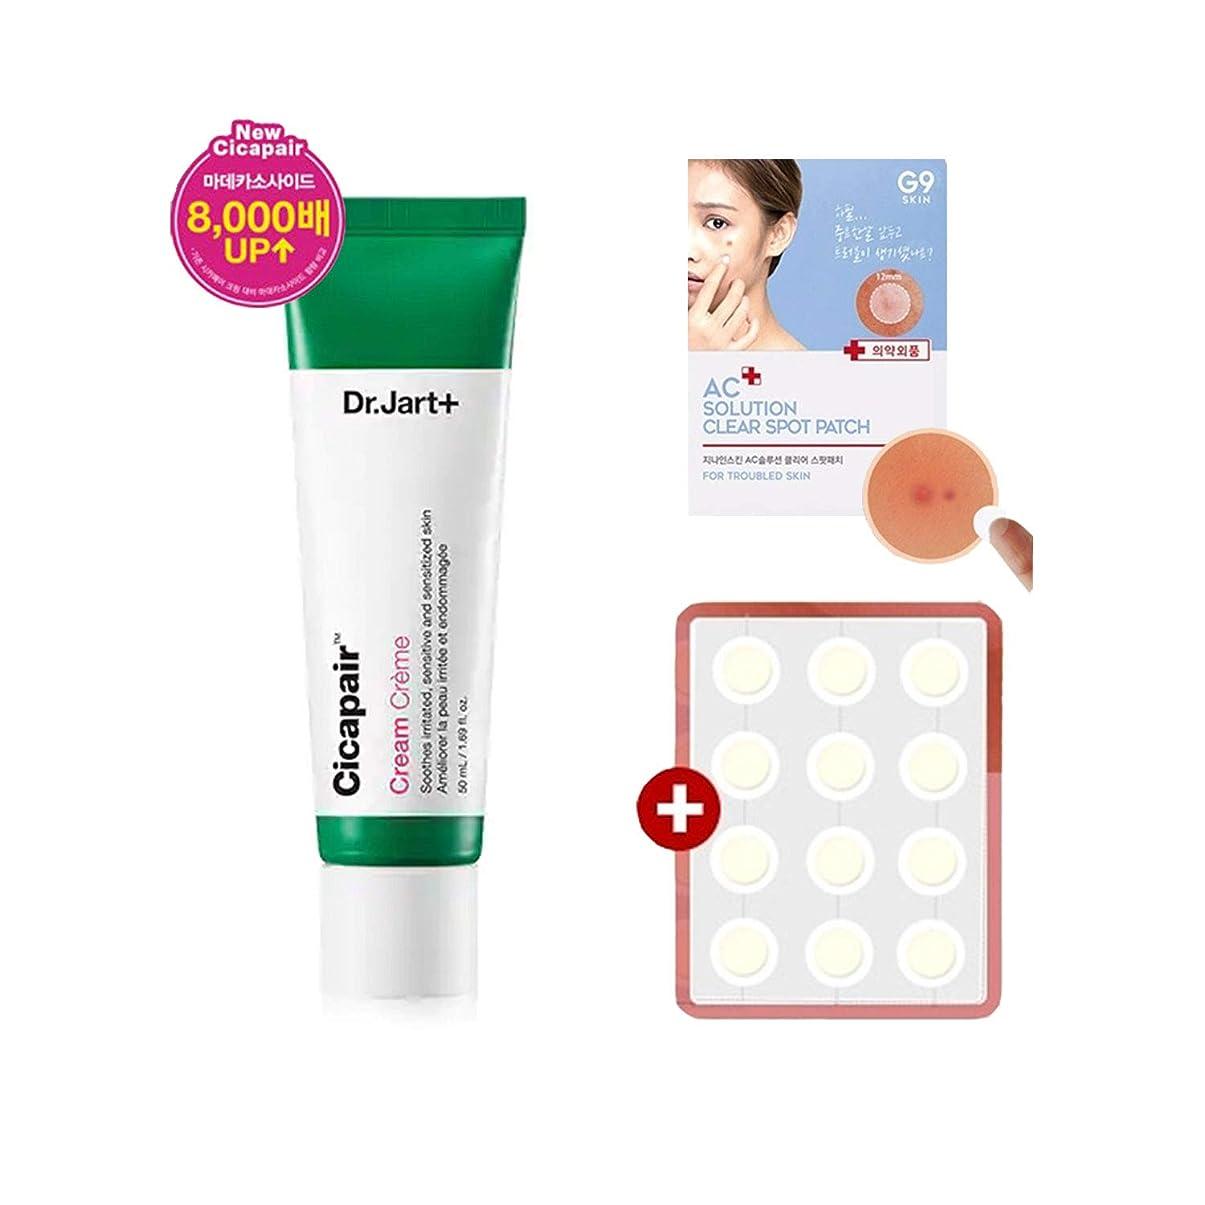 ミニ頭欠陥[リニューアル] Dr.Jart Cicapair Cream クリーム50ml(2代目)+ G9SKIN ACソリューションクリアパッチ 12枚 [並行輸入品]